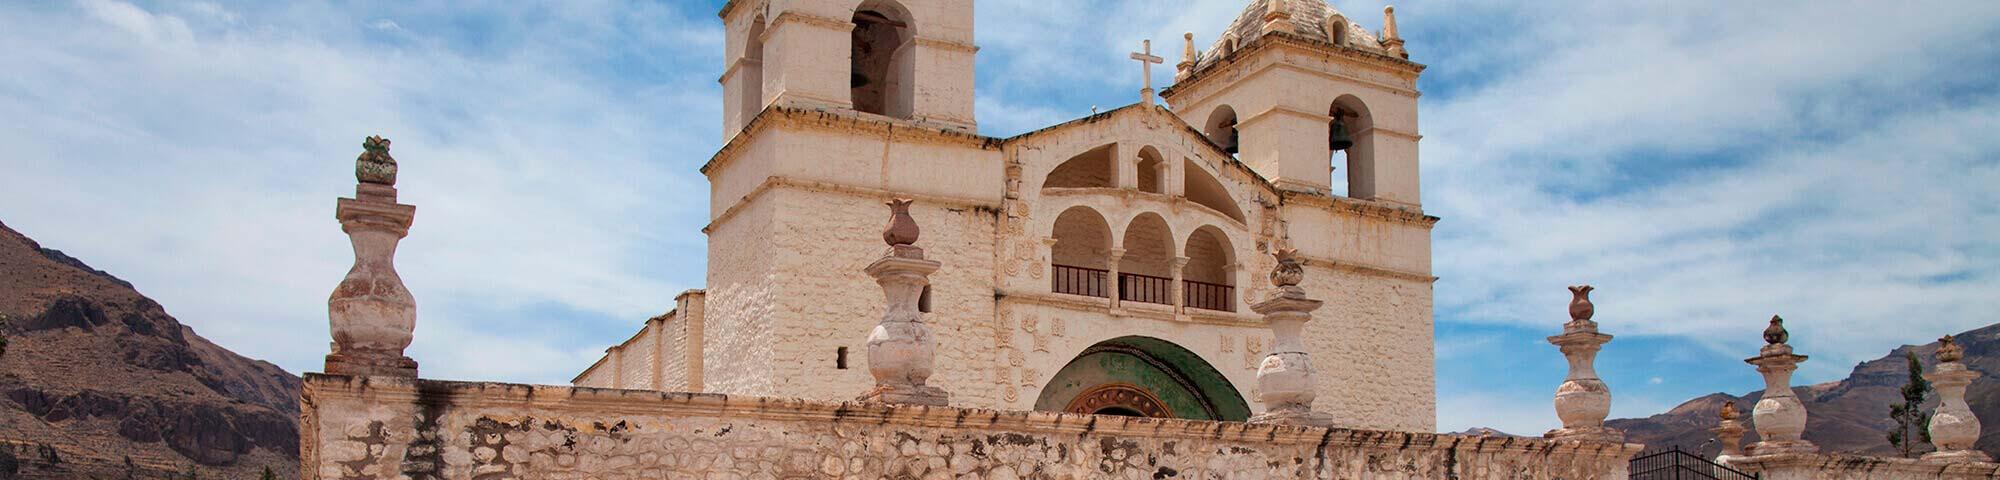 Iglesia de Santa Ana (Maca)